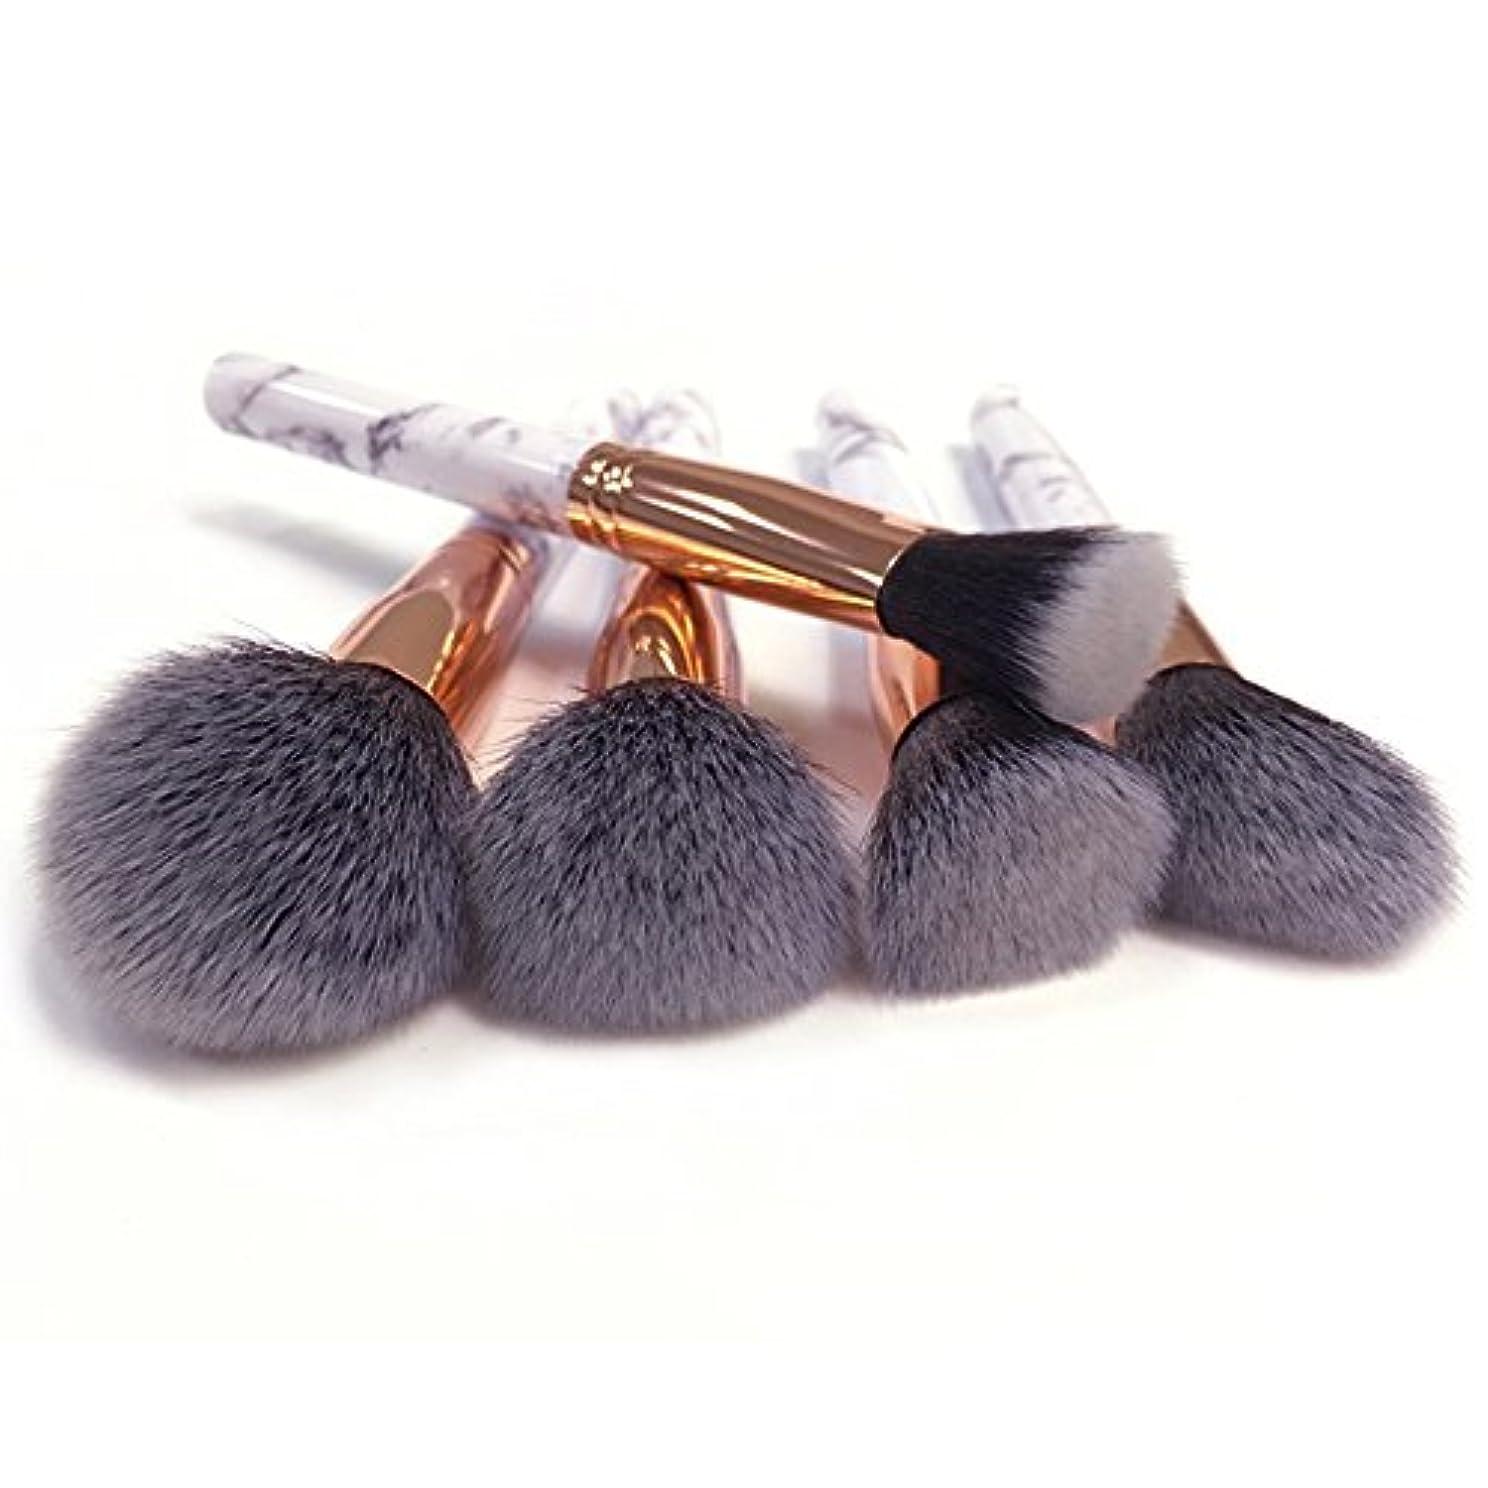 輝度ジョグ解凍する、雪解け、霜解けAkane 10本 大理石紋 超気質的 セート 多機能 柔らかい たっぷり 高級 優雅 綺麗 魅力 上等な使用感 激安 日常 仕事 おしゃれ Makeup Brush メイクアップブラシ